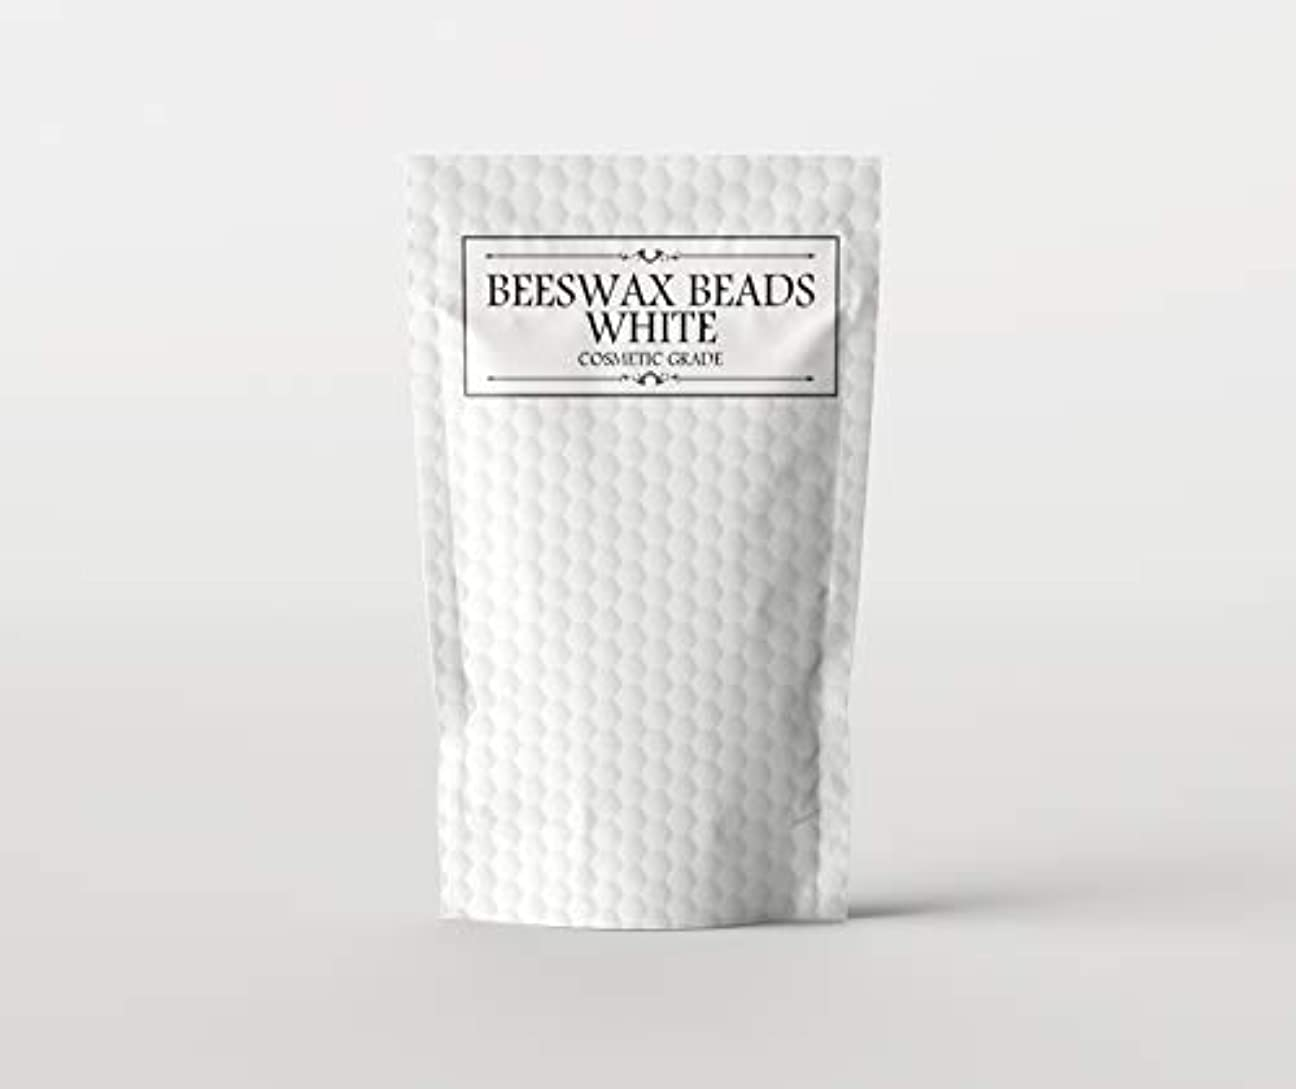 永久にパイント方向Beeswax Beads White - Cosmetic Grade - 1Kg